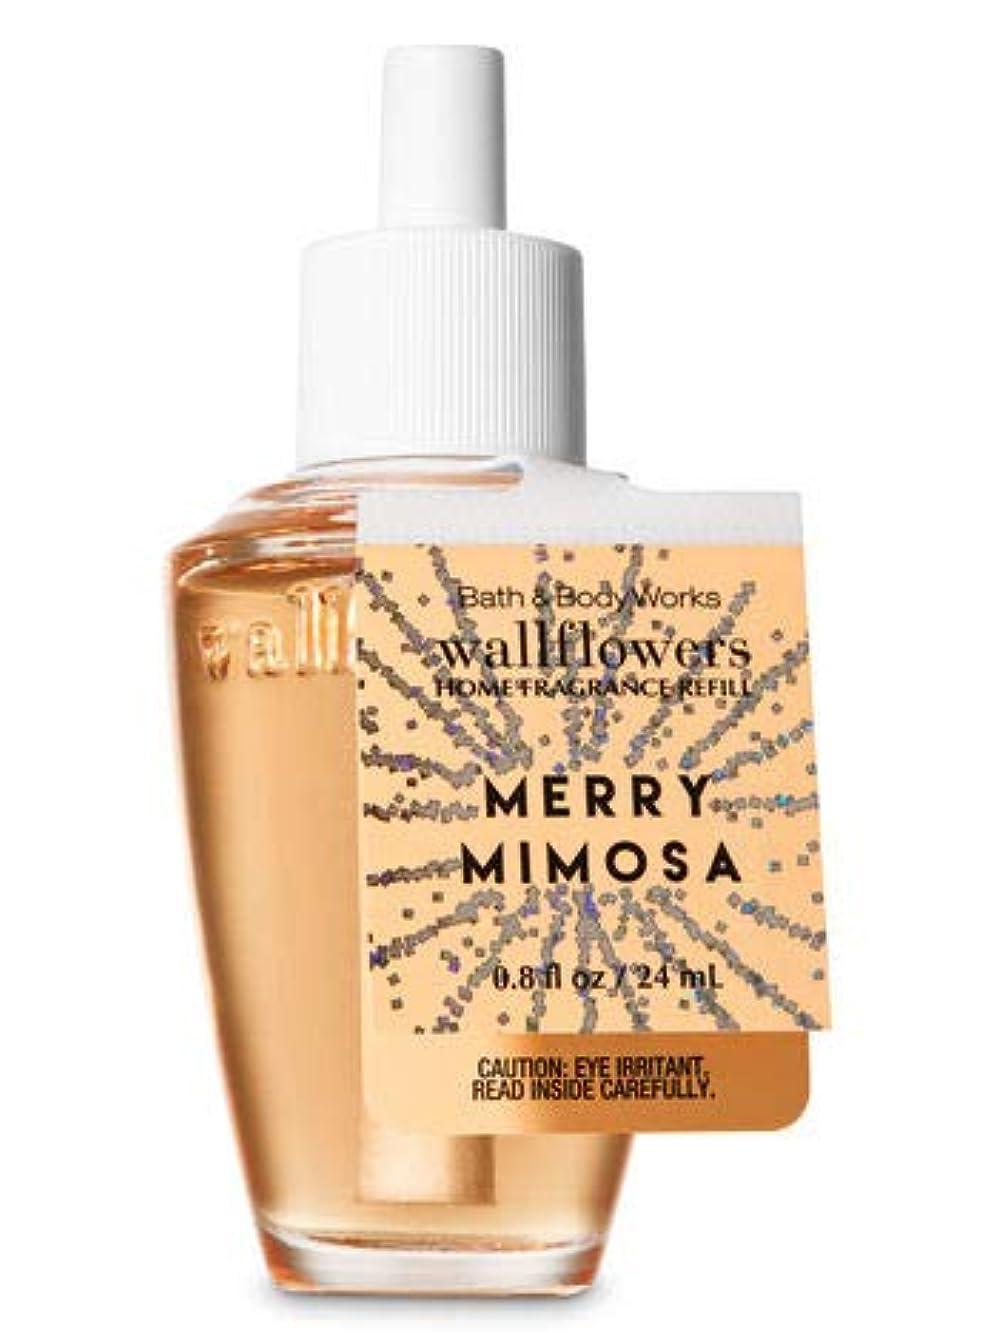 散歩に行くデマンド世界記録のギネスブック【Bath&Body Works/バス&ボディワークス】 ルームフレグランス 詰替えリフィル メリーミモザ Wallflowers Home Fragrance Refill Merry Mimosa [並行輸入品]